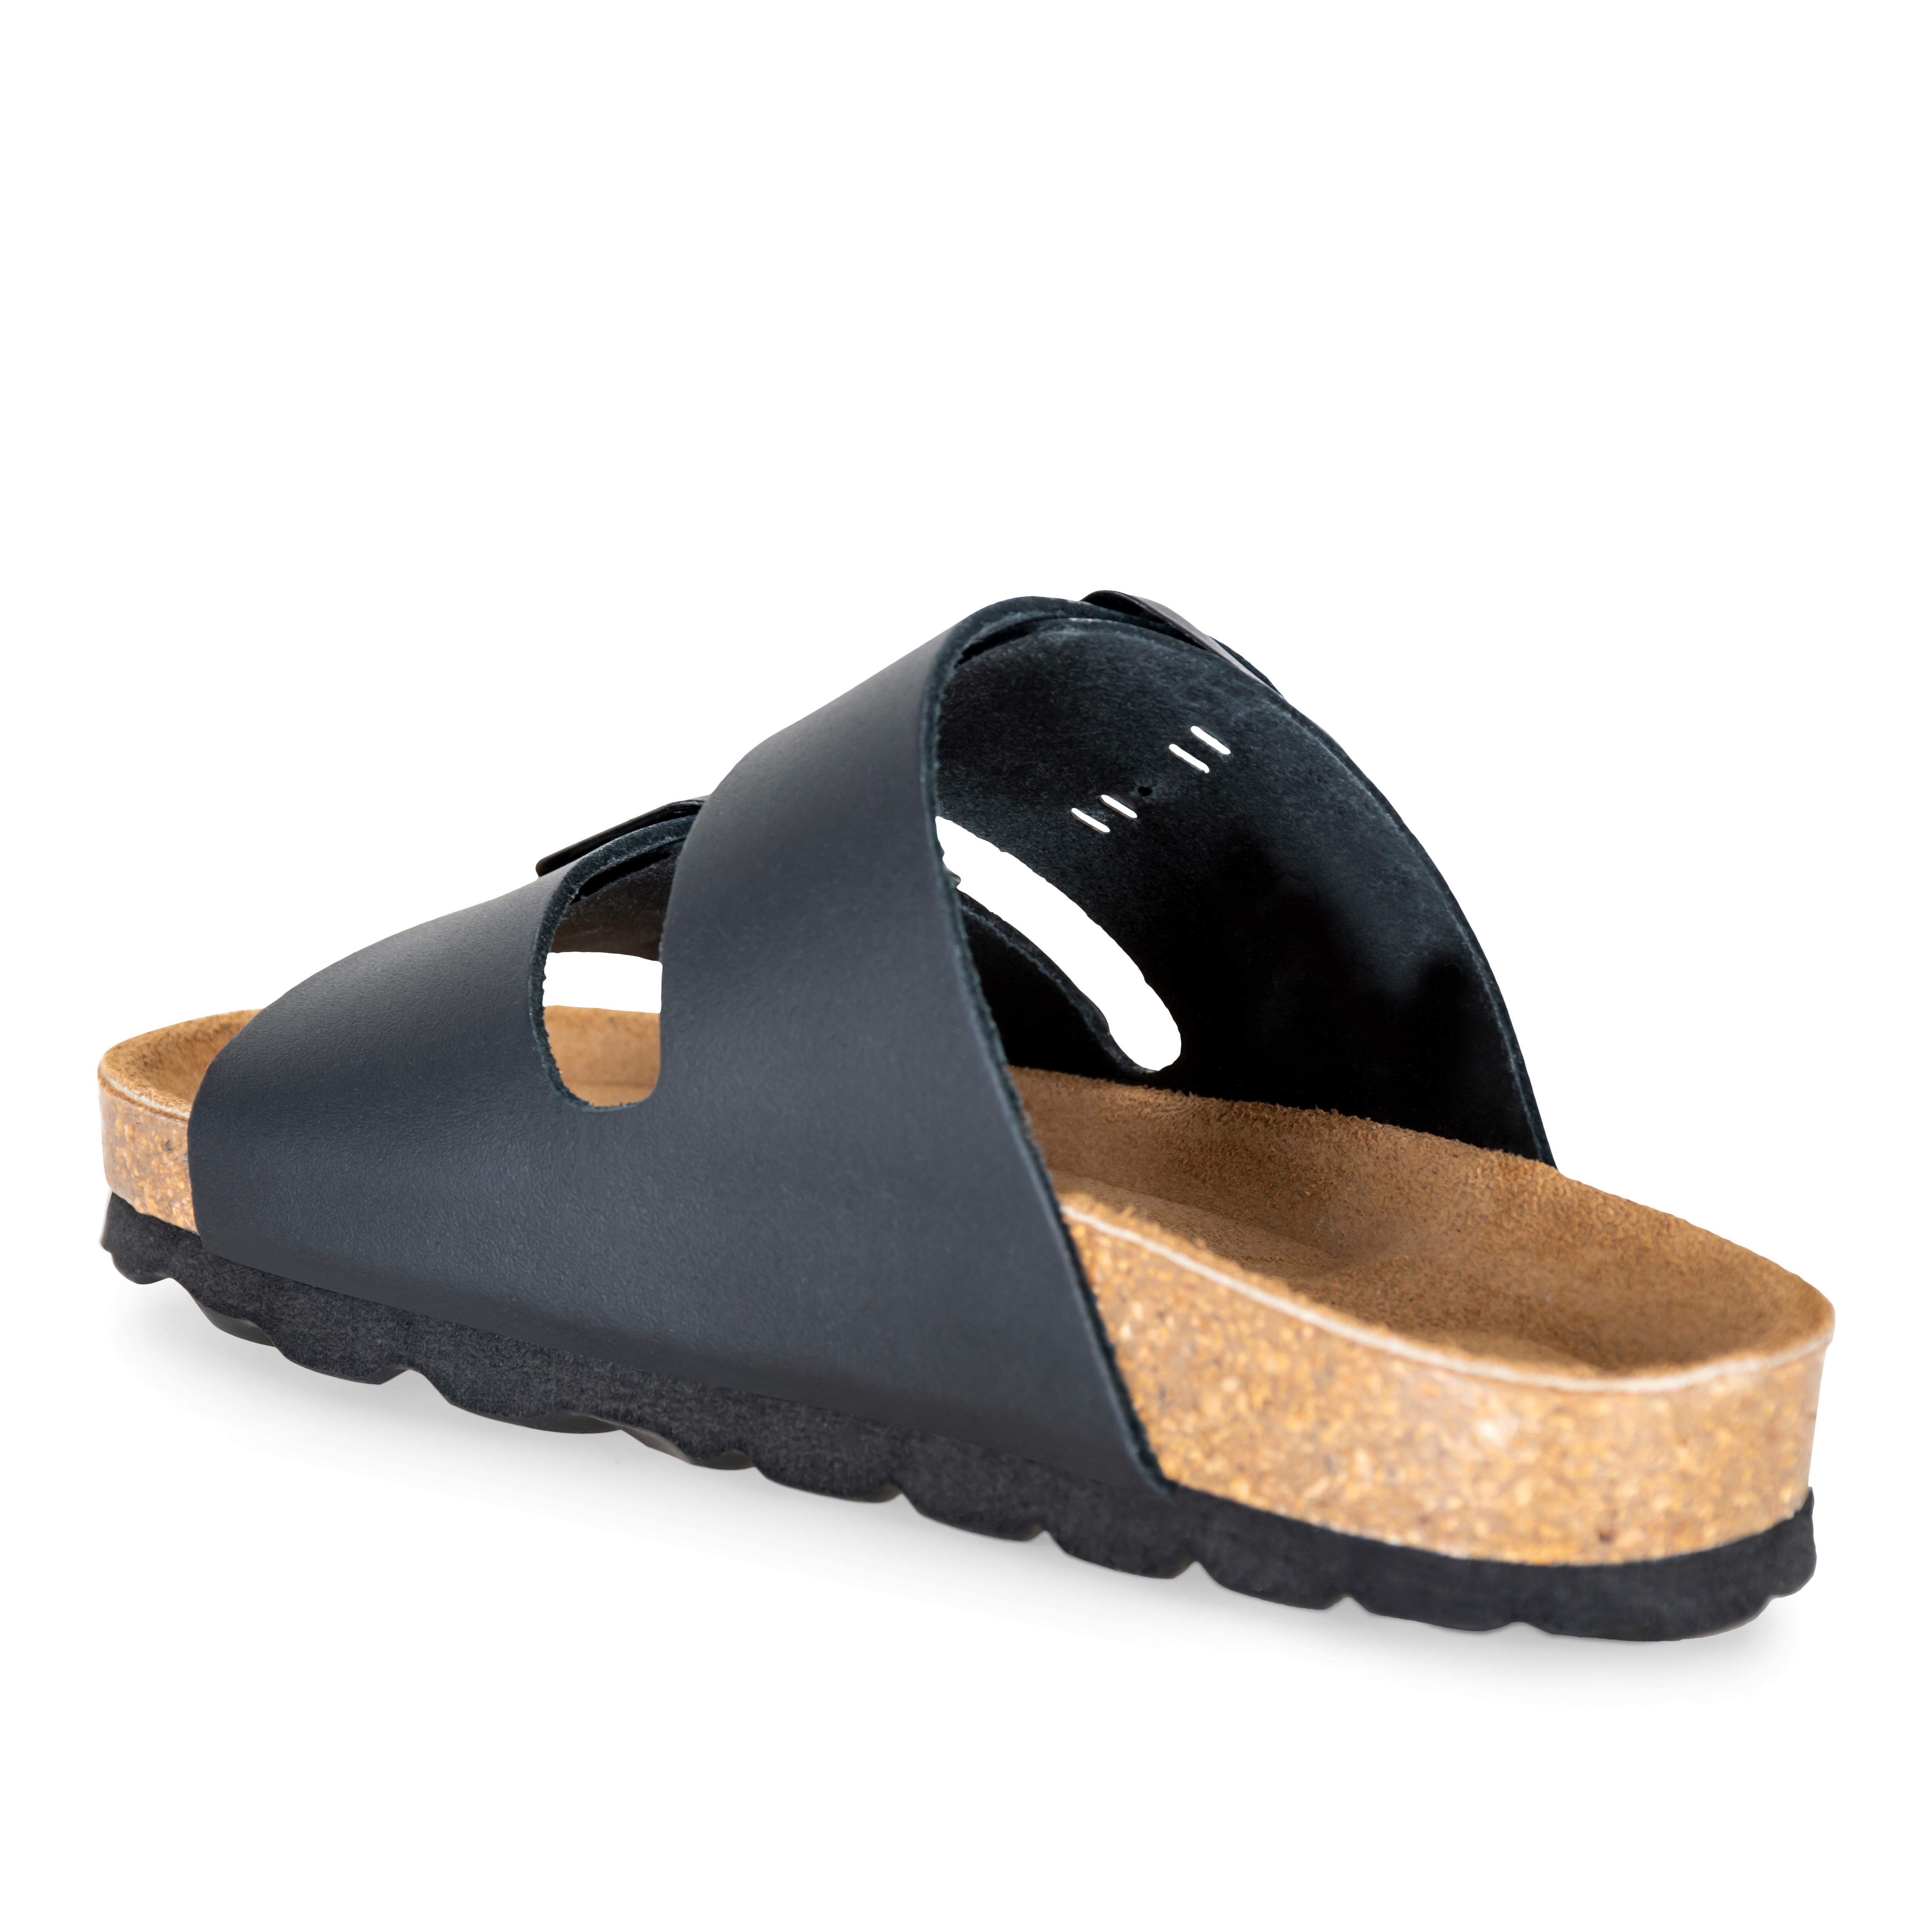 Nordstrand Emily sandal, black, 31